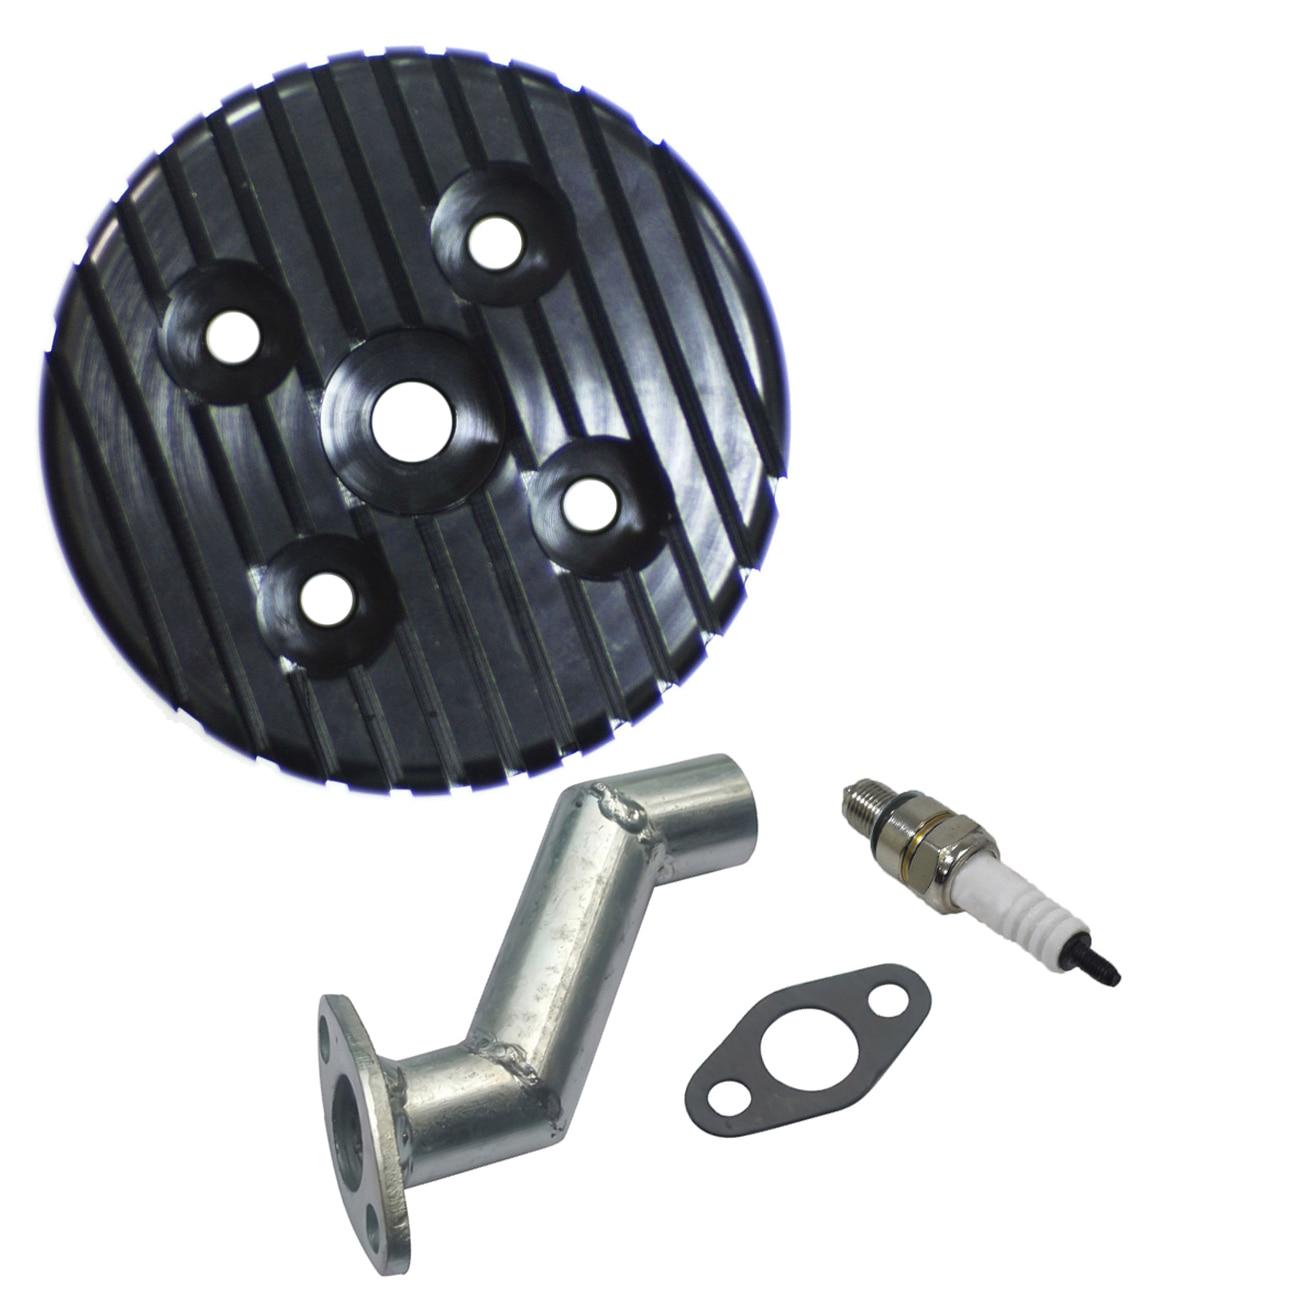 Culasse et collecteur d'admission et bougie d'allumage CNC pour vélo motorisé 80cc